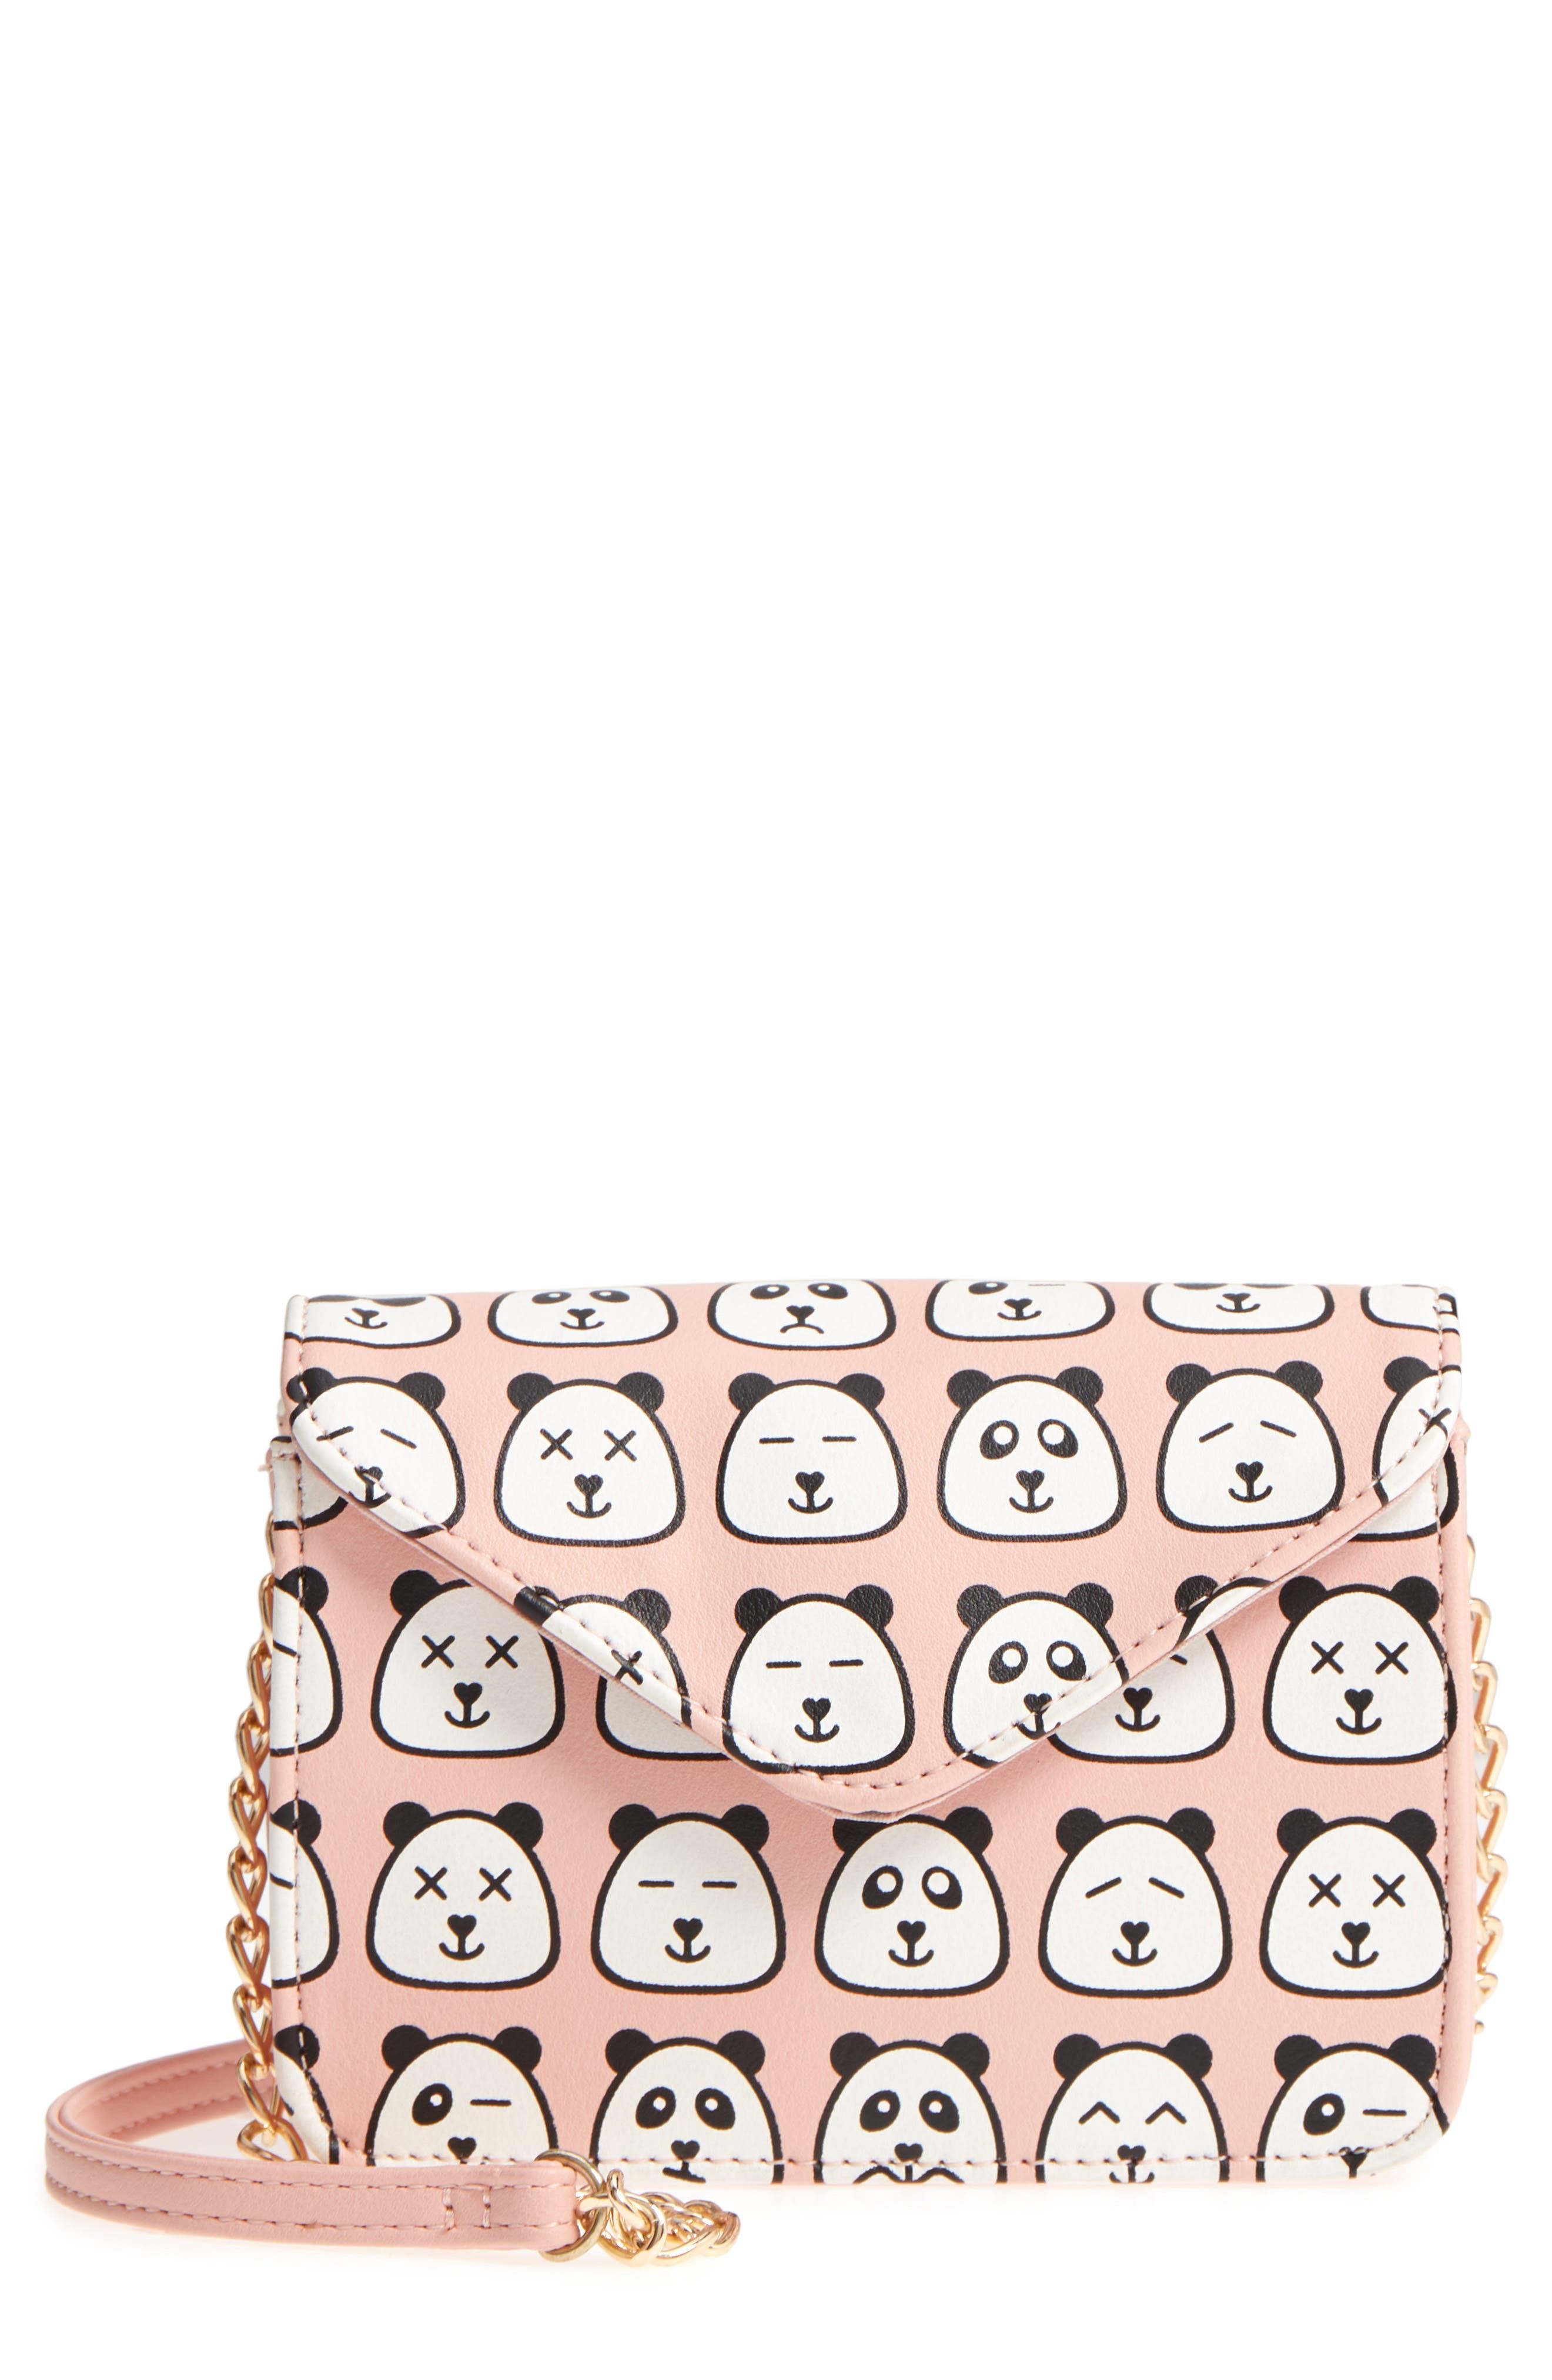 Panda Print Crossbody Bag,                             Main thumbnail 1, color,